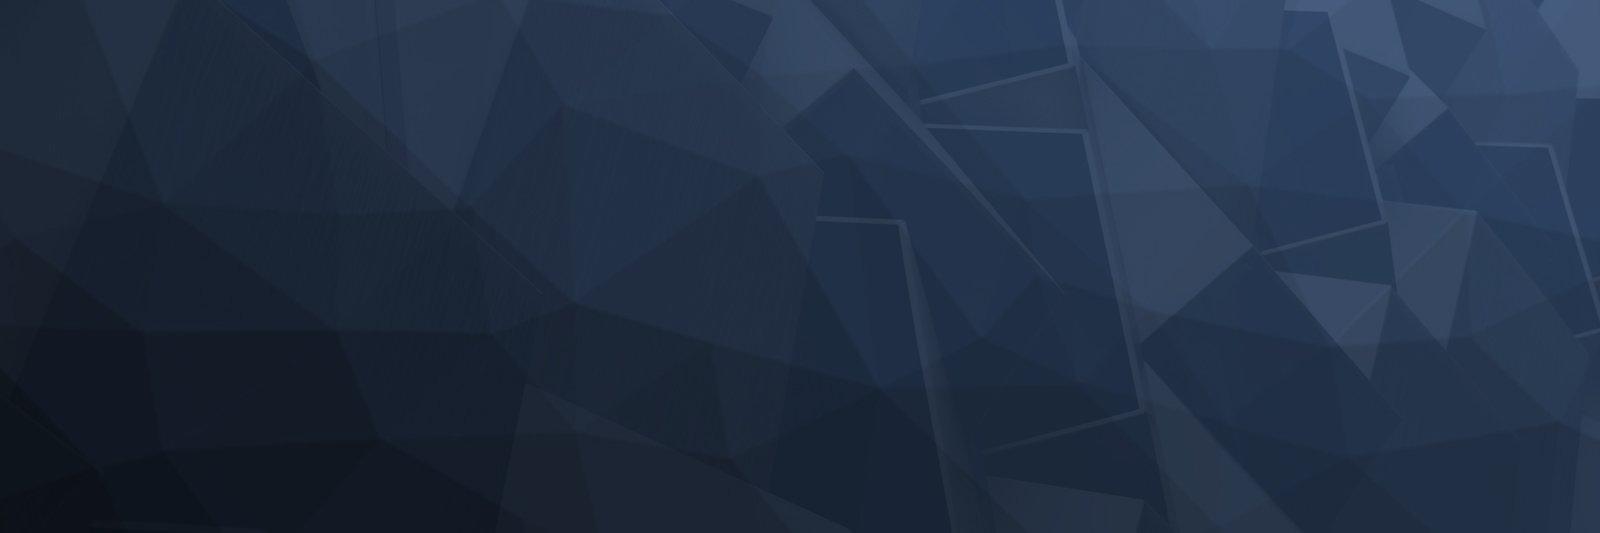 Bannerbillede til side webløsninger